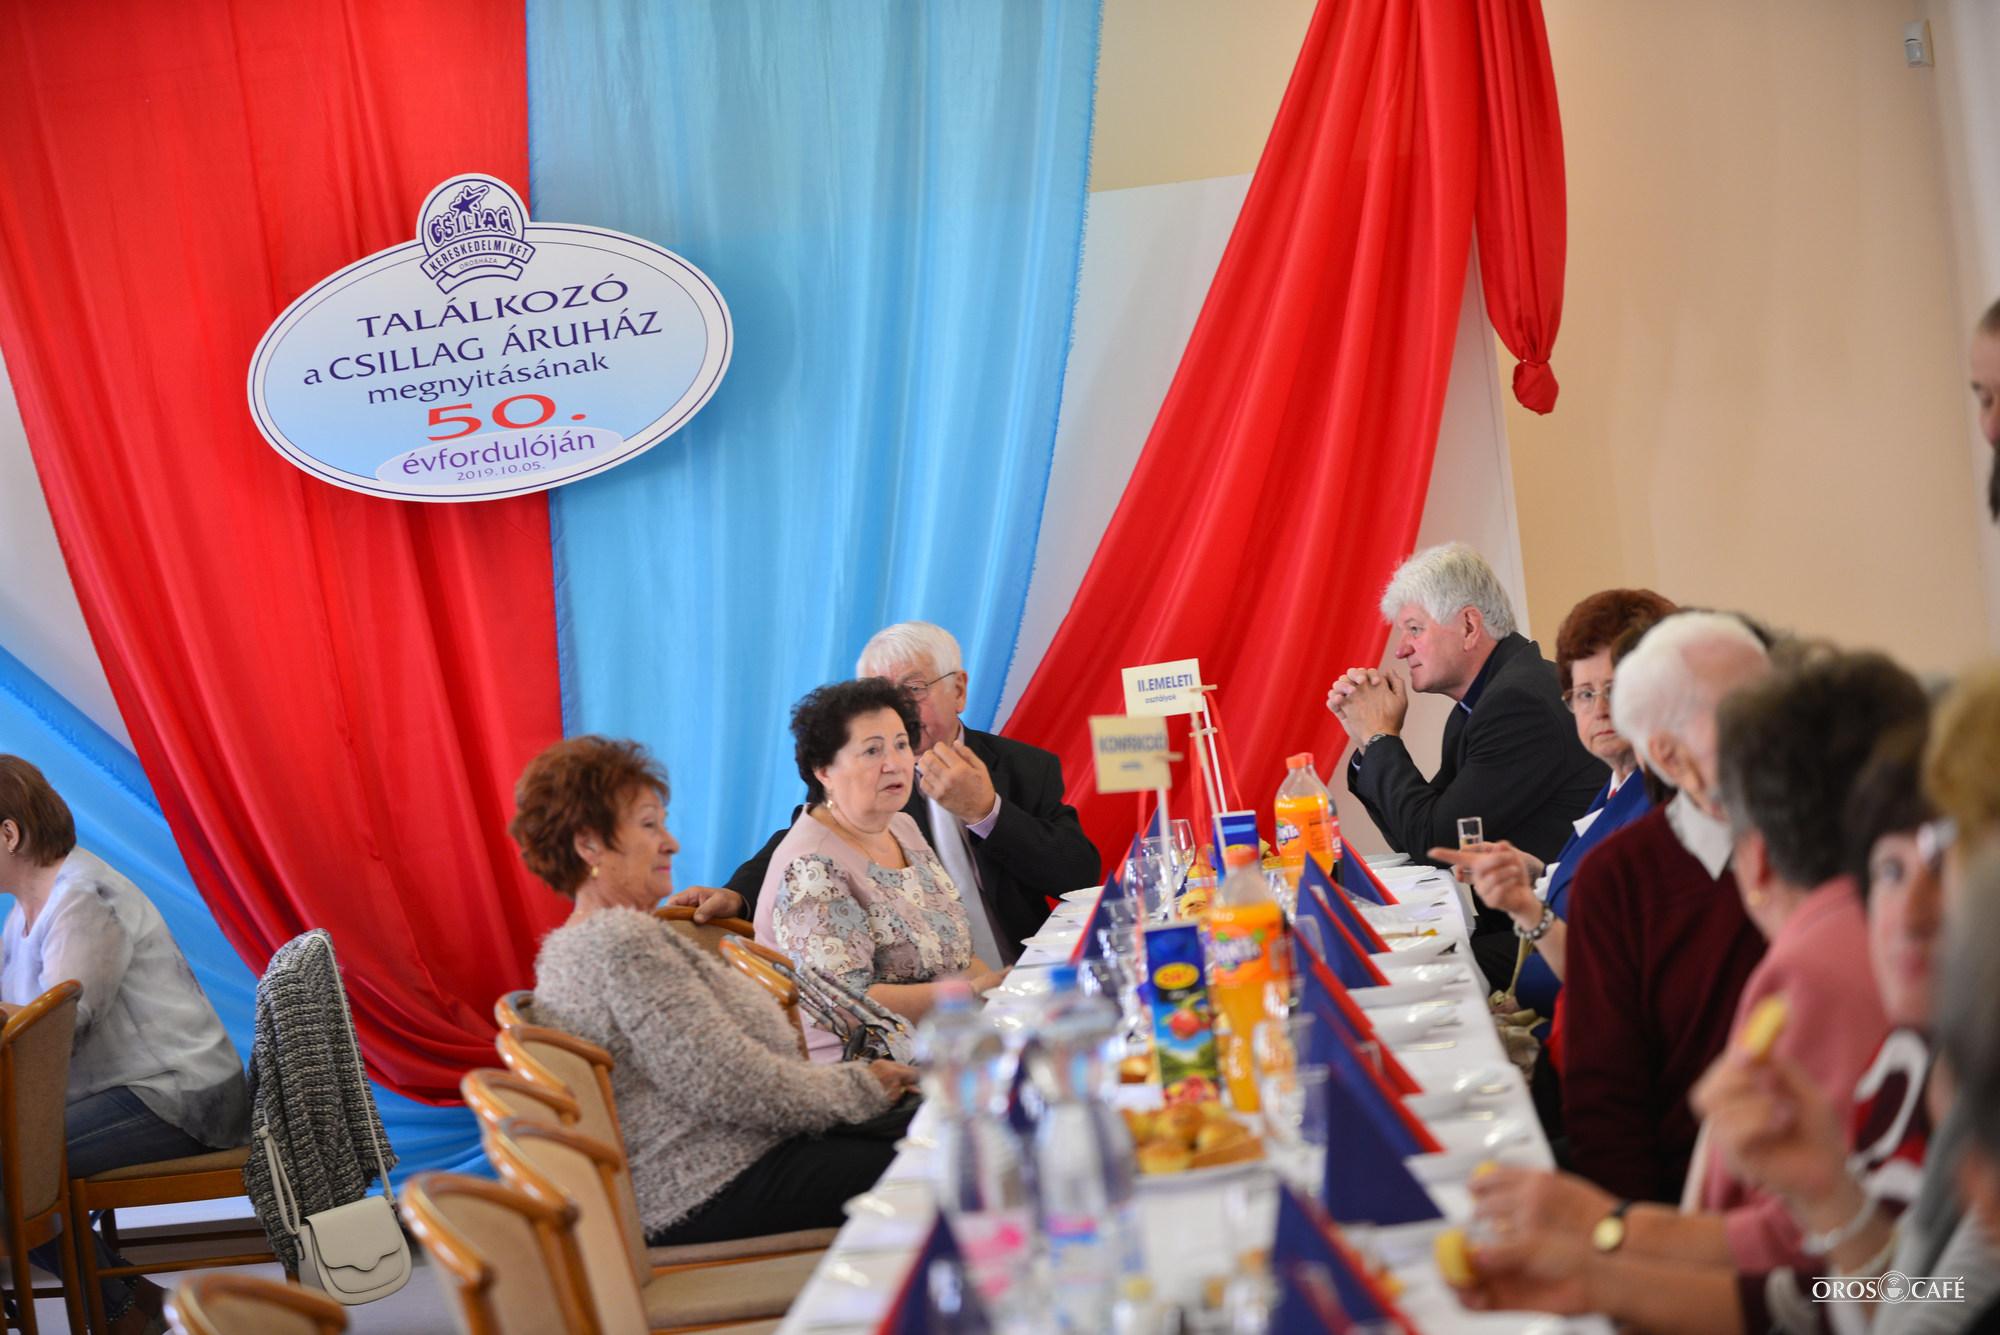 50 éves találkozó helyén társkereső szolgáltatás bevezetése